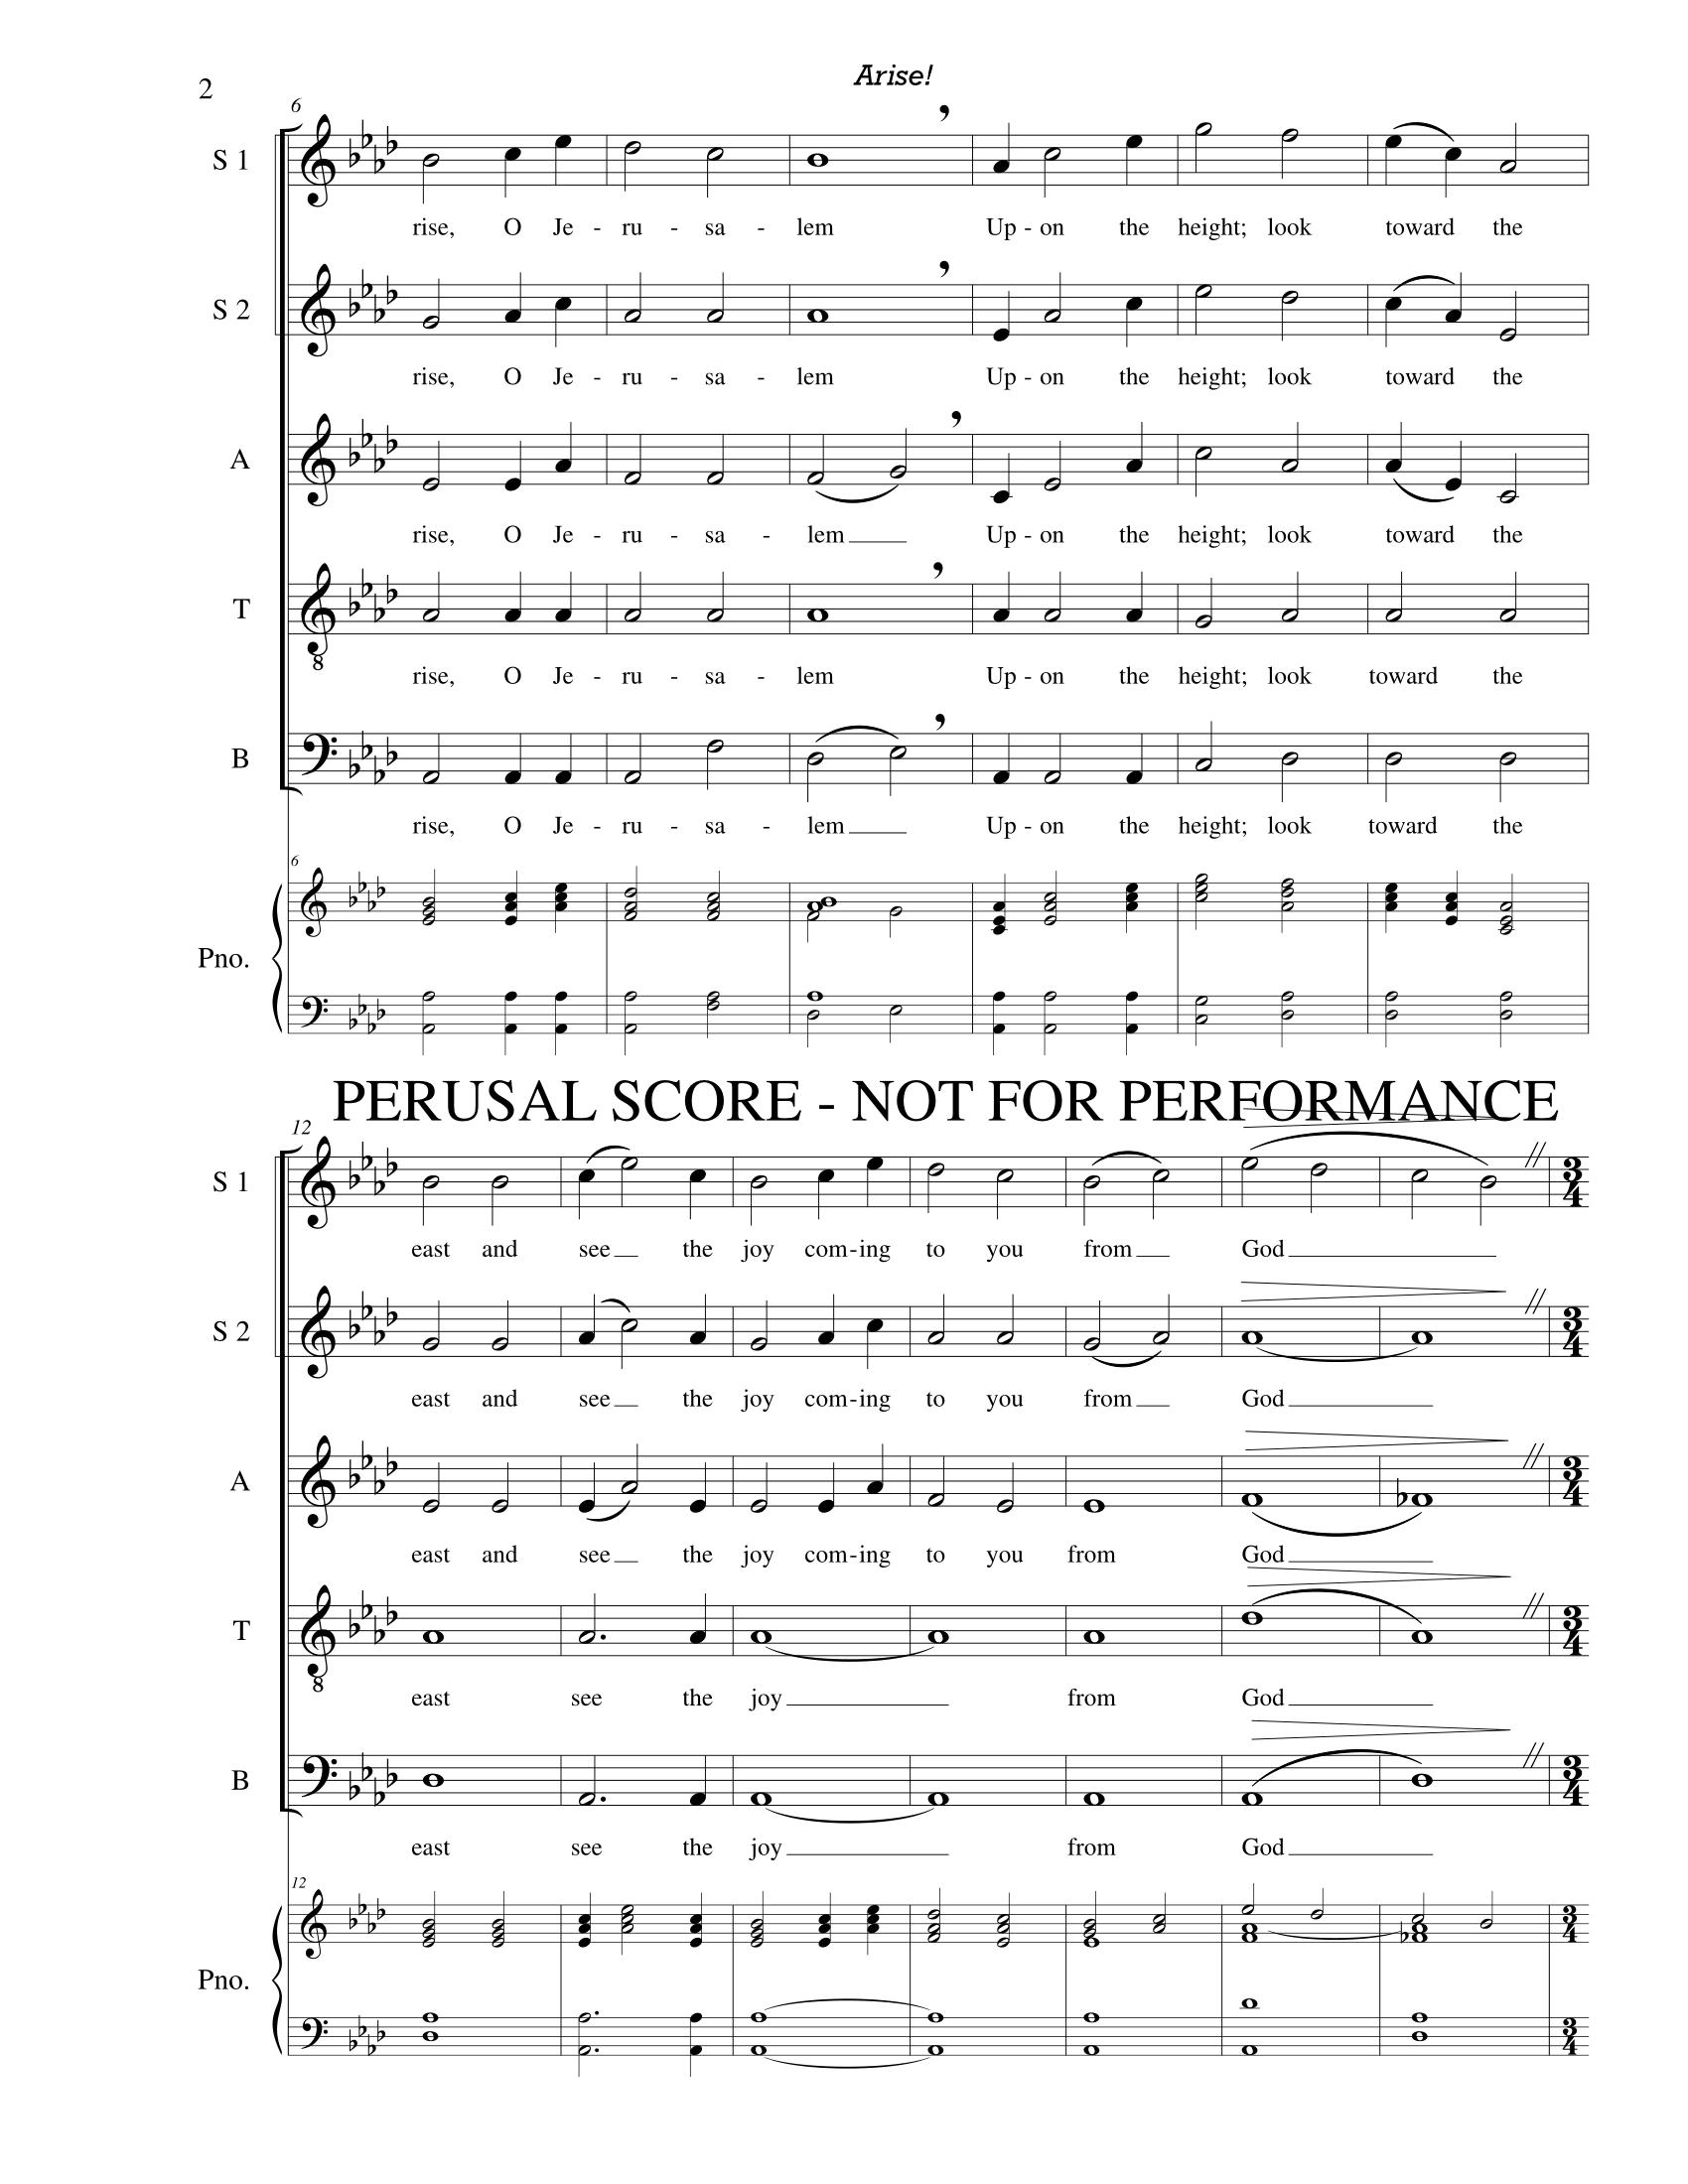 Arise! Perusal-4.png